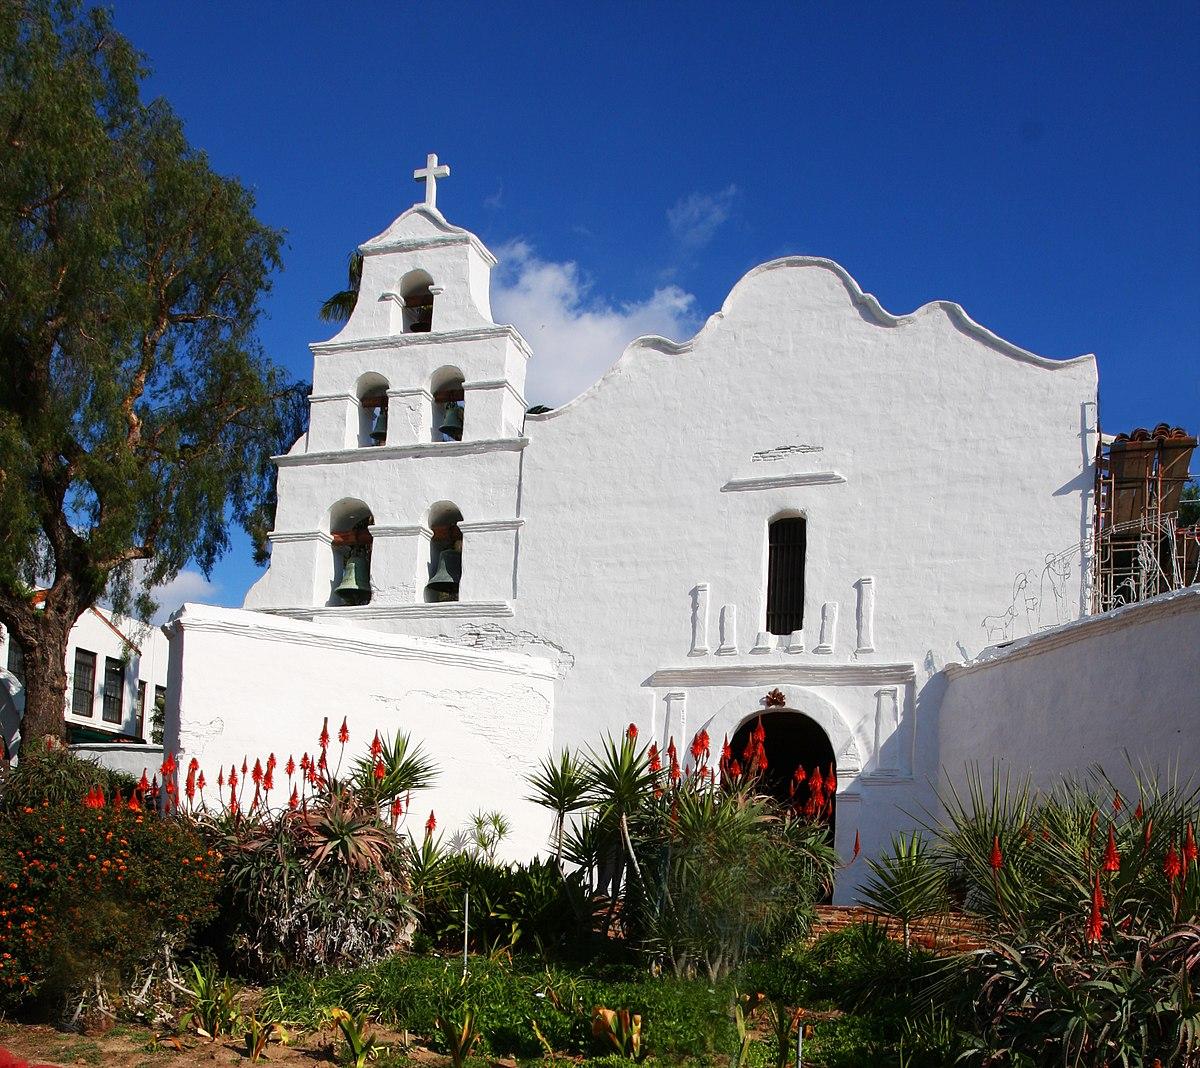 El Camino Real Travel Guide At Wikivoyage